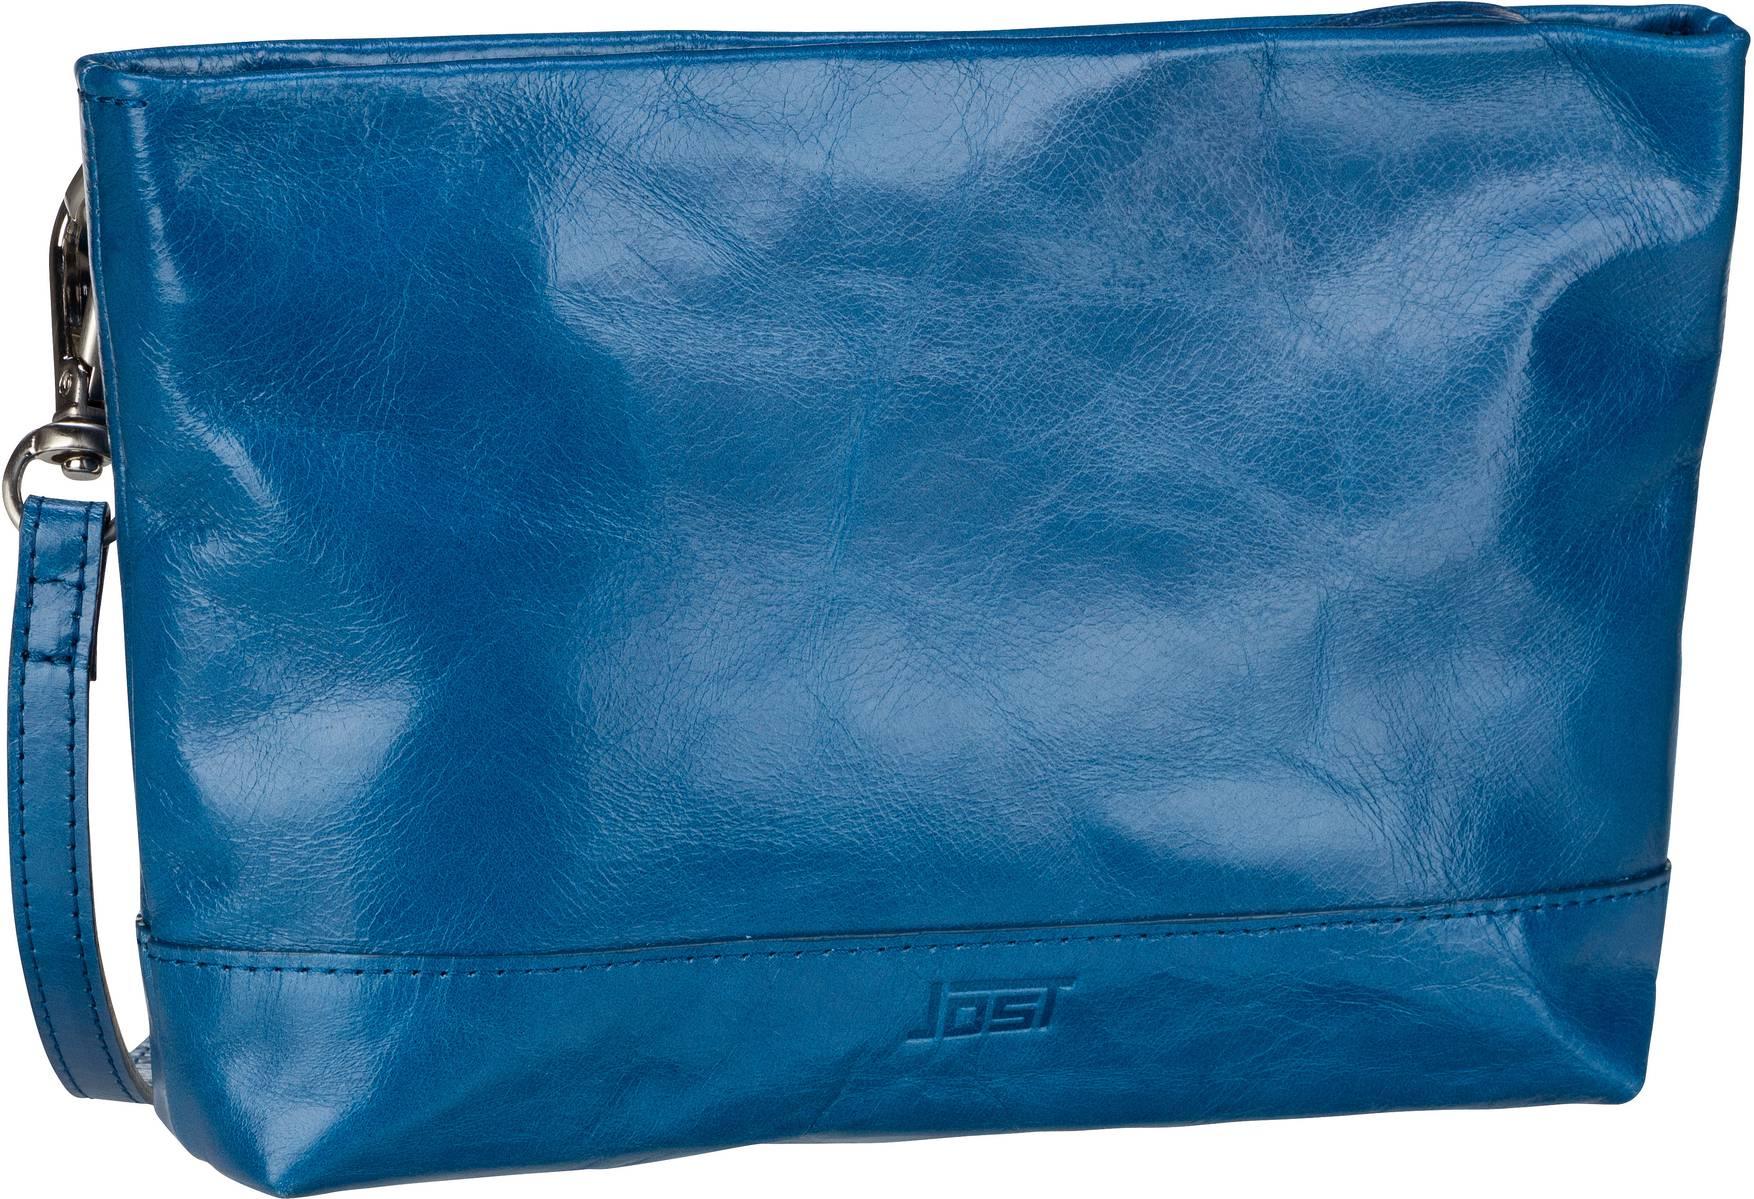 Umhängetasche Boda 6616 Belt/Shoulder Bag Royalblue